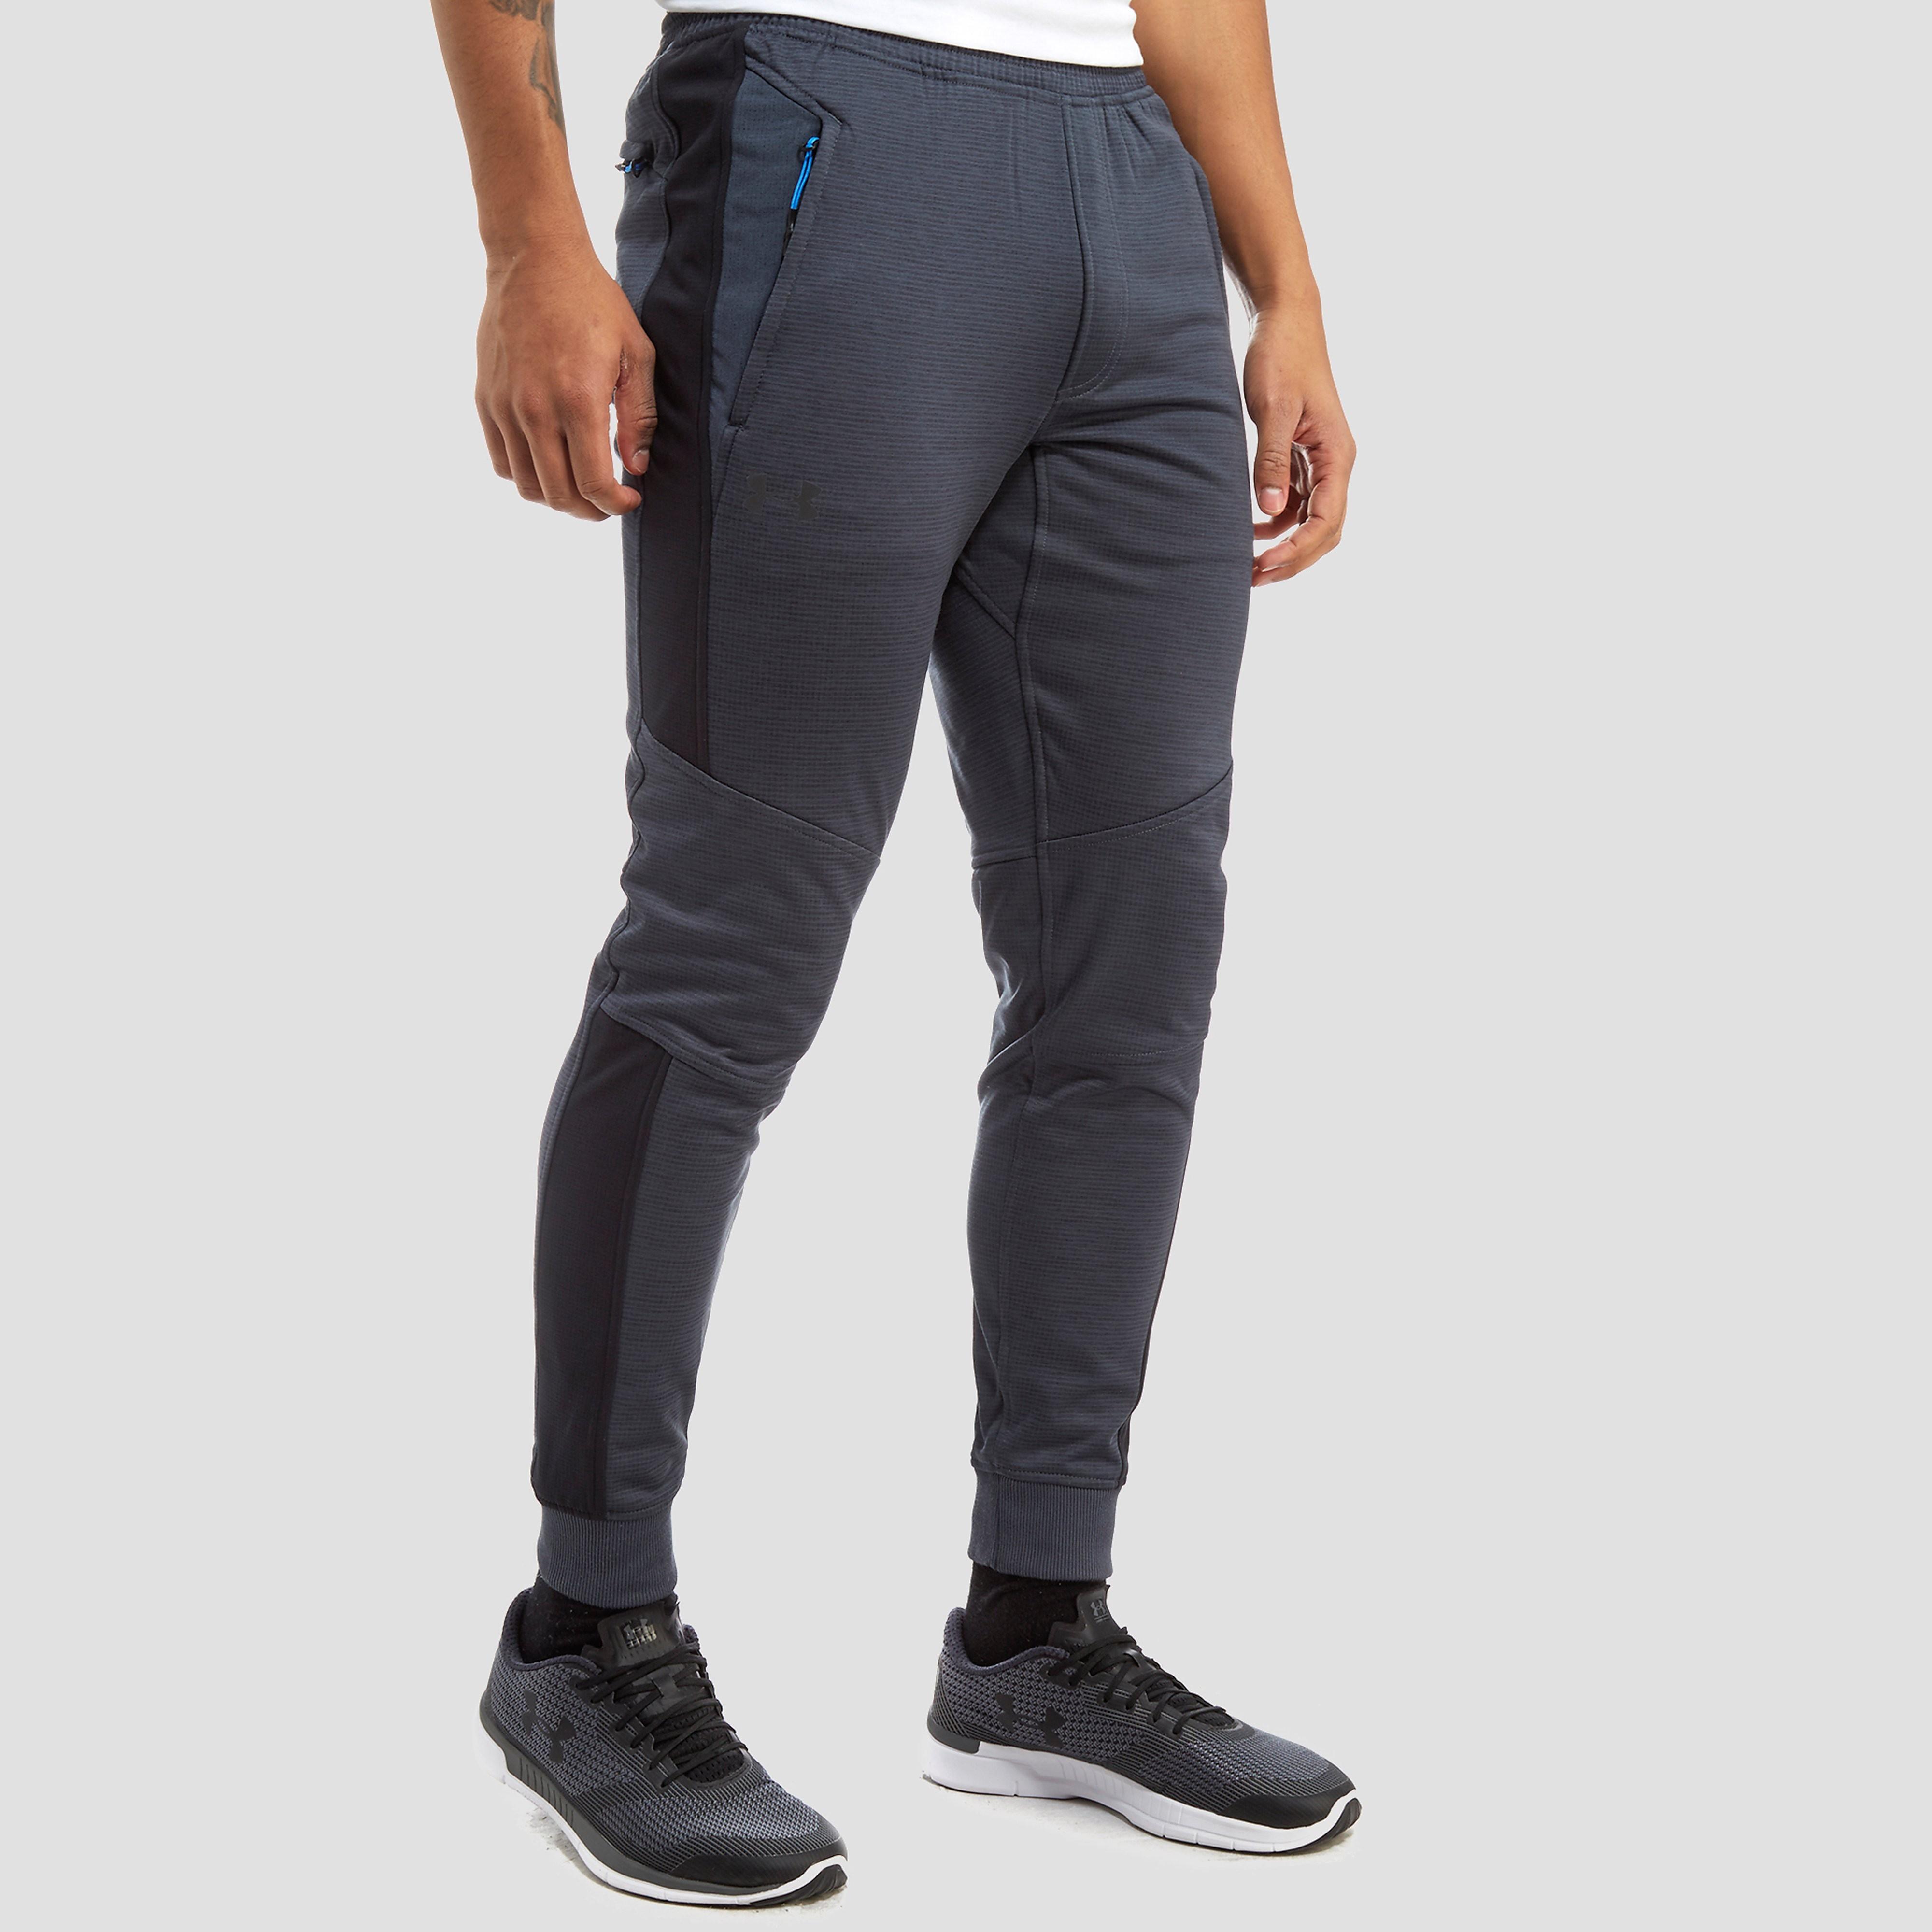 Under Armour Reactor Fleece Tapered Men's Pants